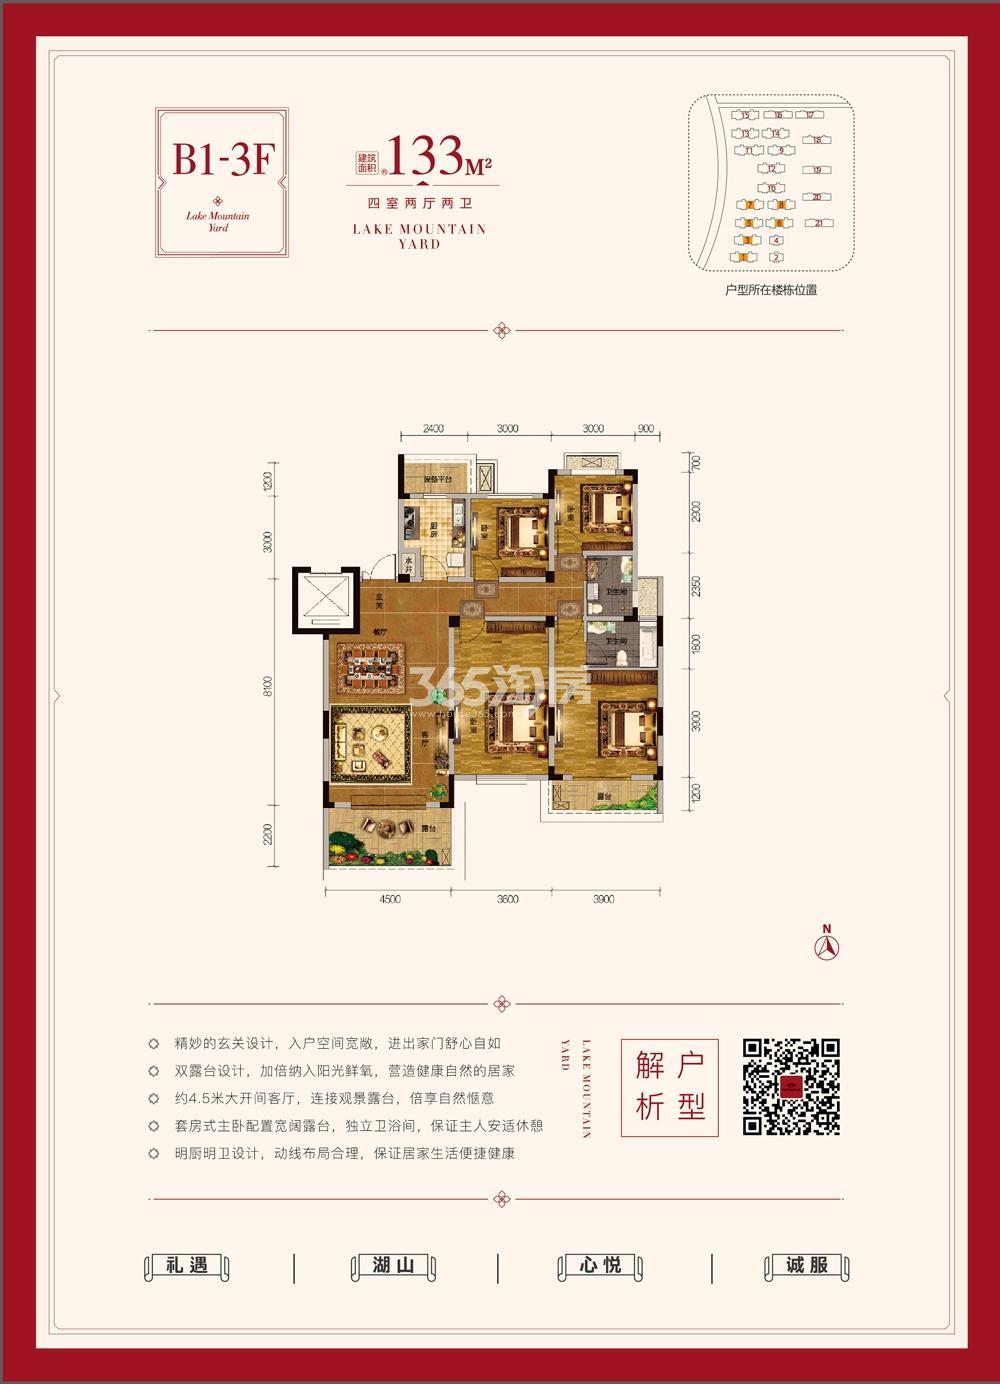 悦湖山院B1-3F洋房户型133㎡